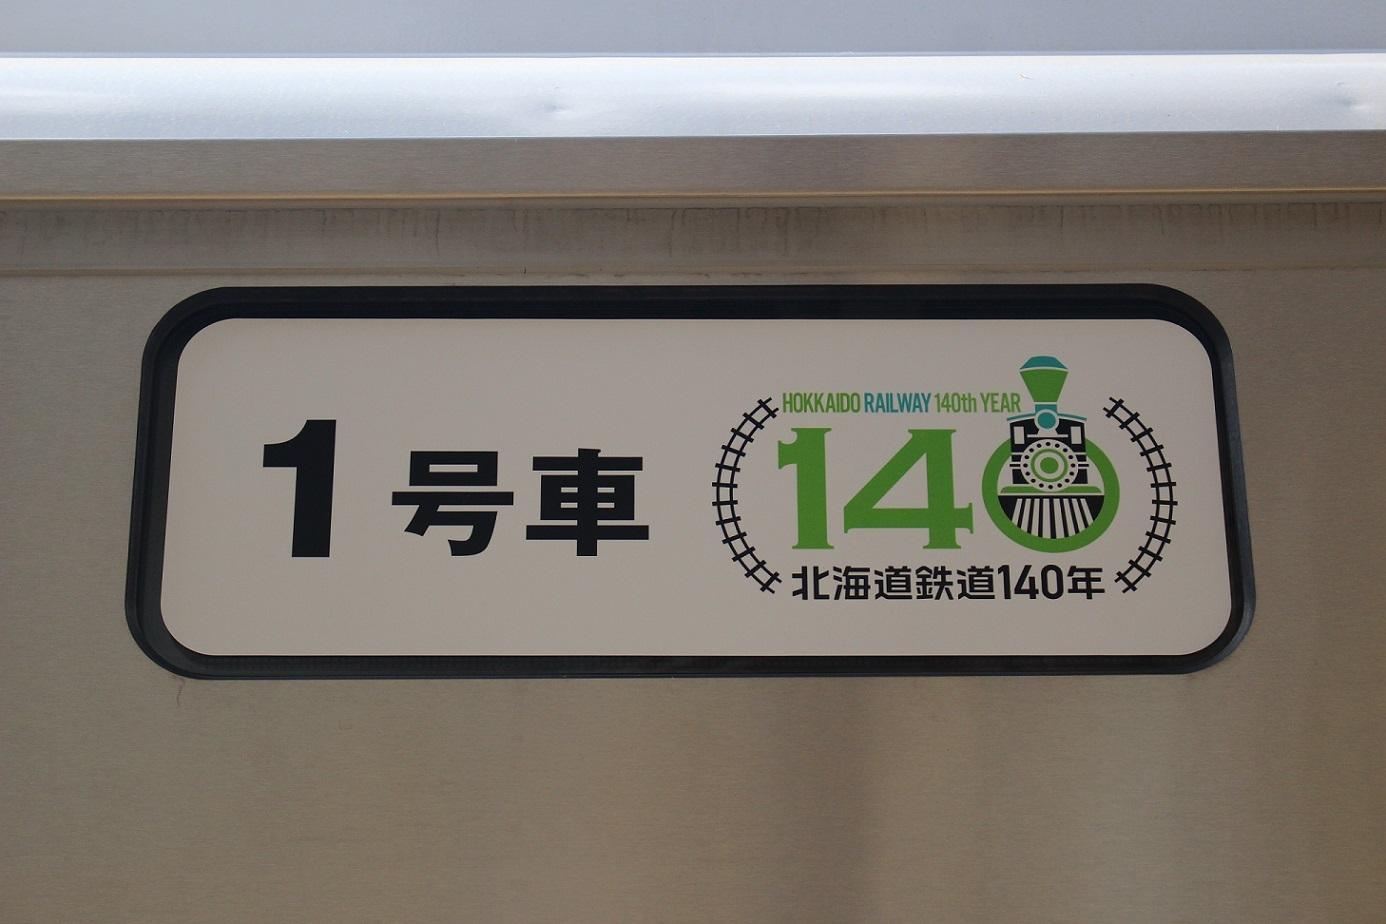 はまなす北海道鉄道140周年記念号a111